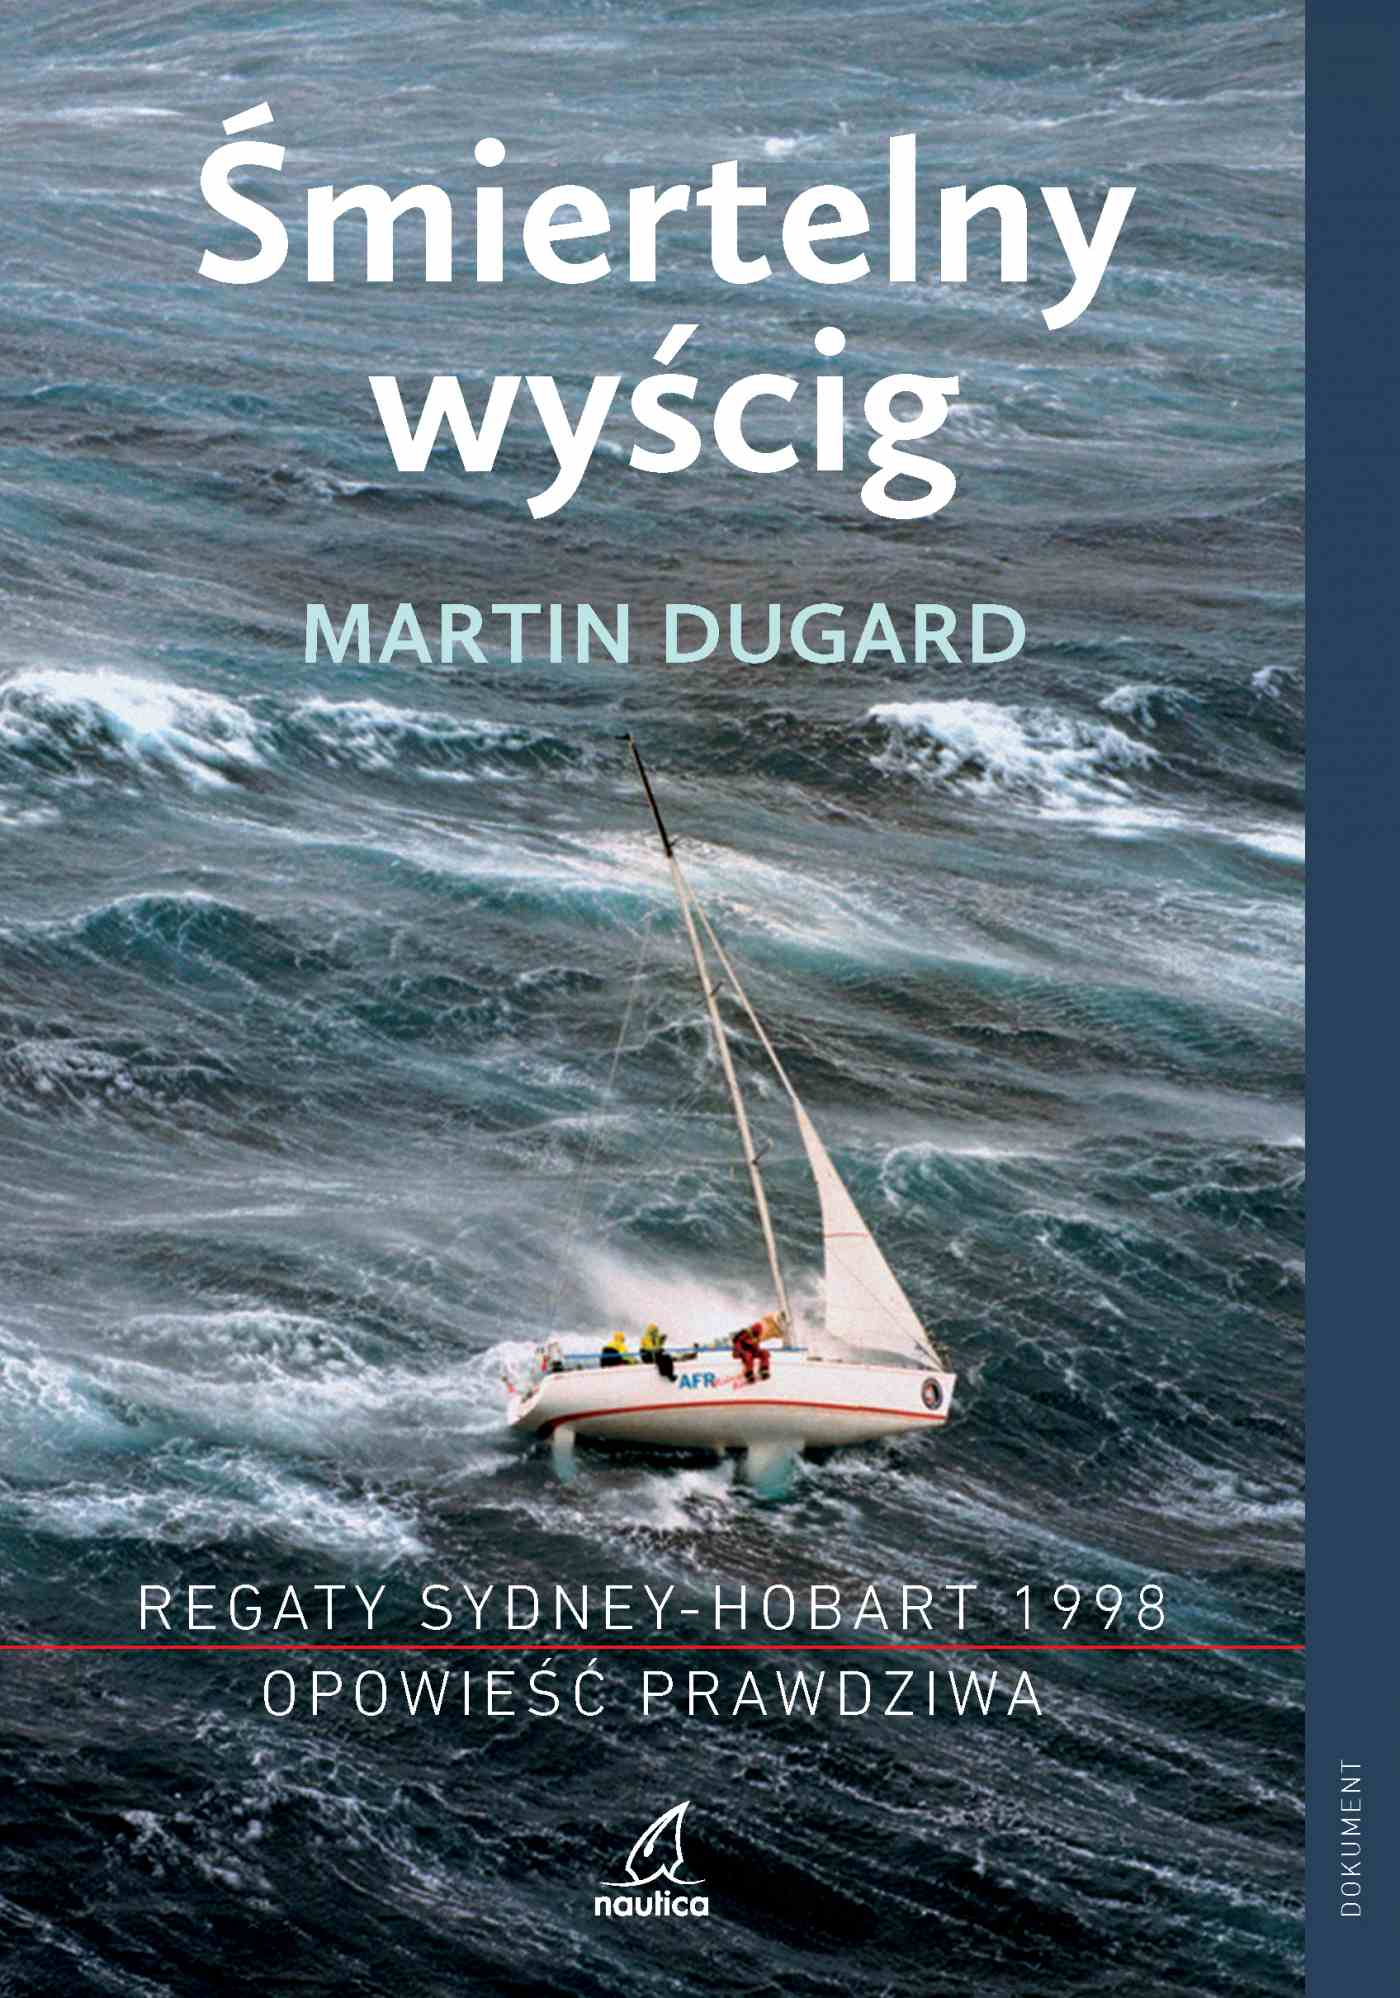 Śmiertelny wyścig. Regaty Sydney-Hobart 1998. Opowieść prawdziwa - Ebook (Książka EPUB) do pobrania w formacie EPUB